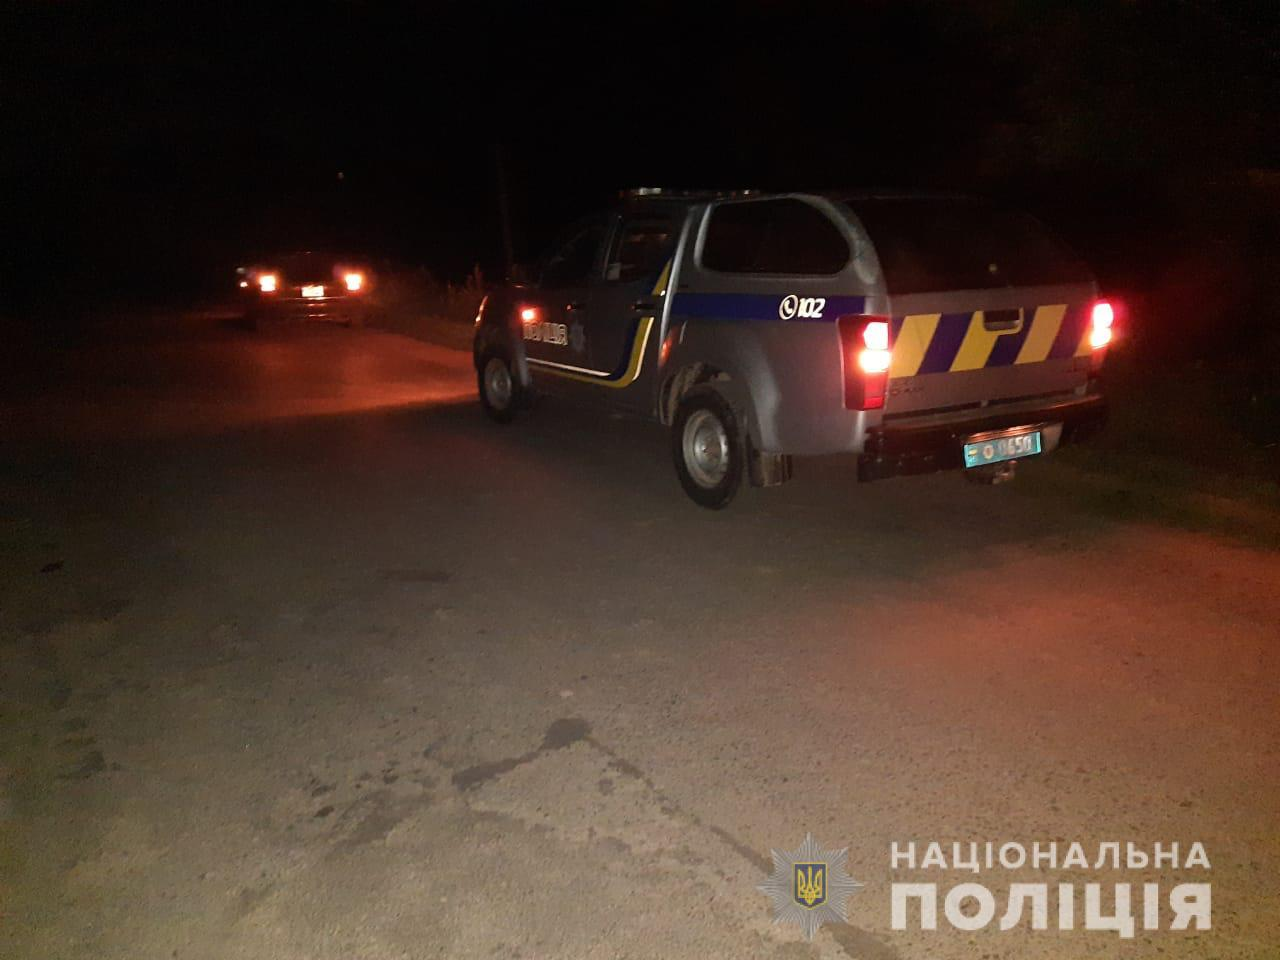 Двом волинянам, які пропонували хабар поліцейським, загрожує кримінал